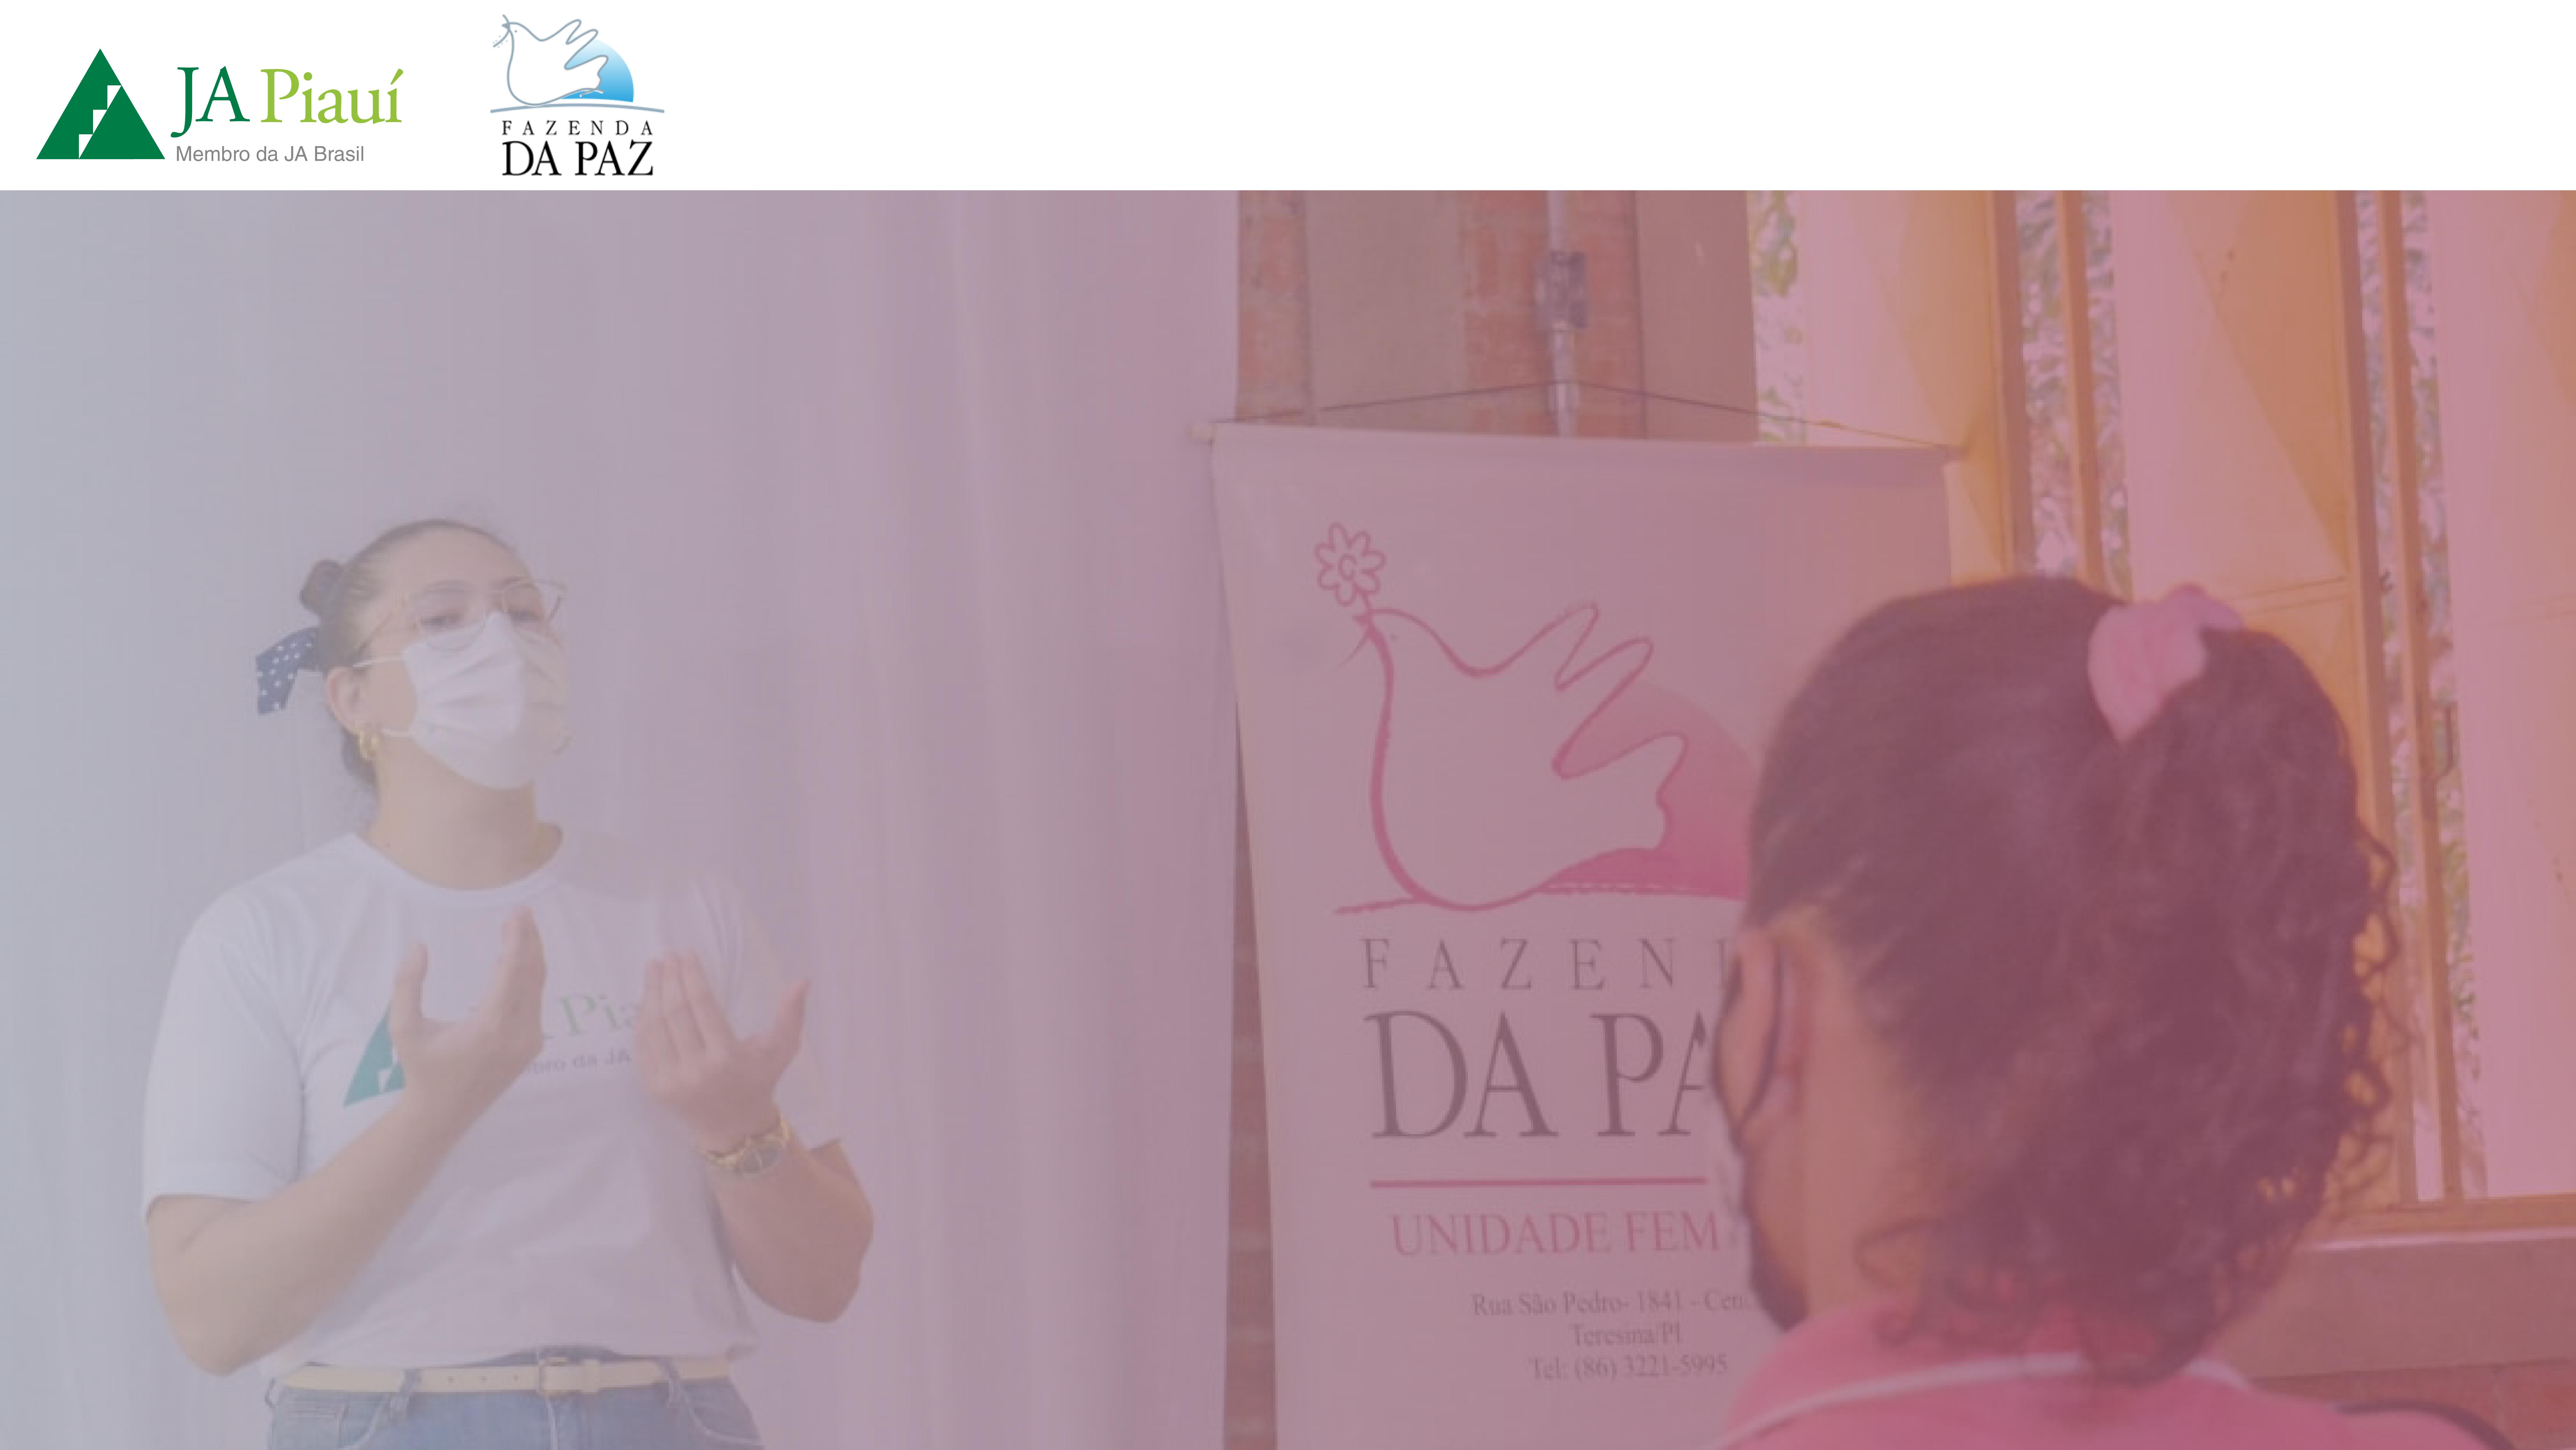 JA Piauí realiza parceria de sucesso com a Fazenda da Paz em 2021